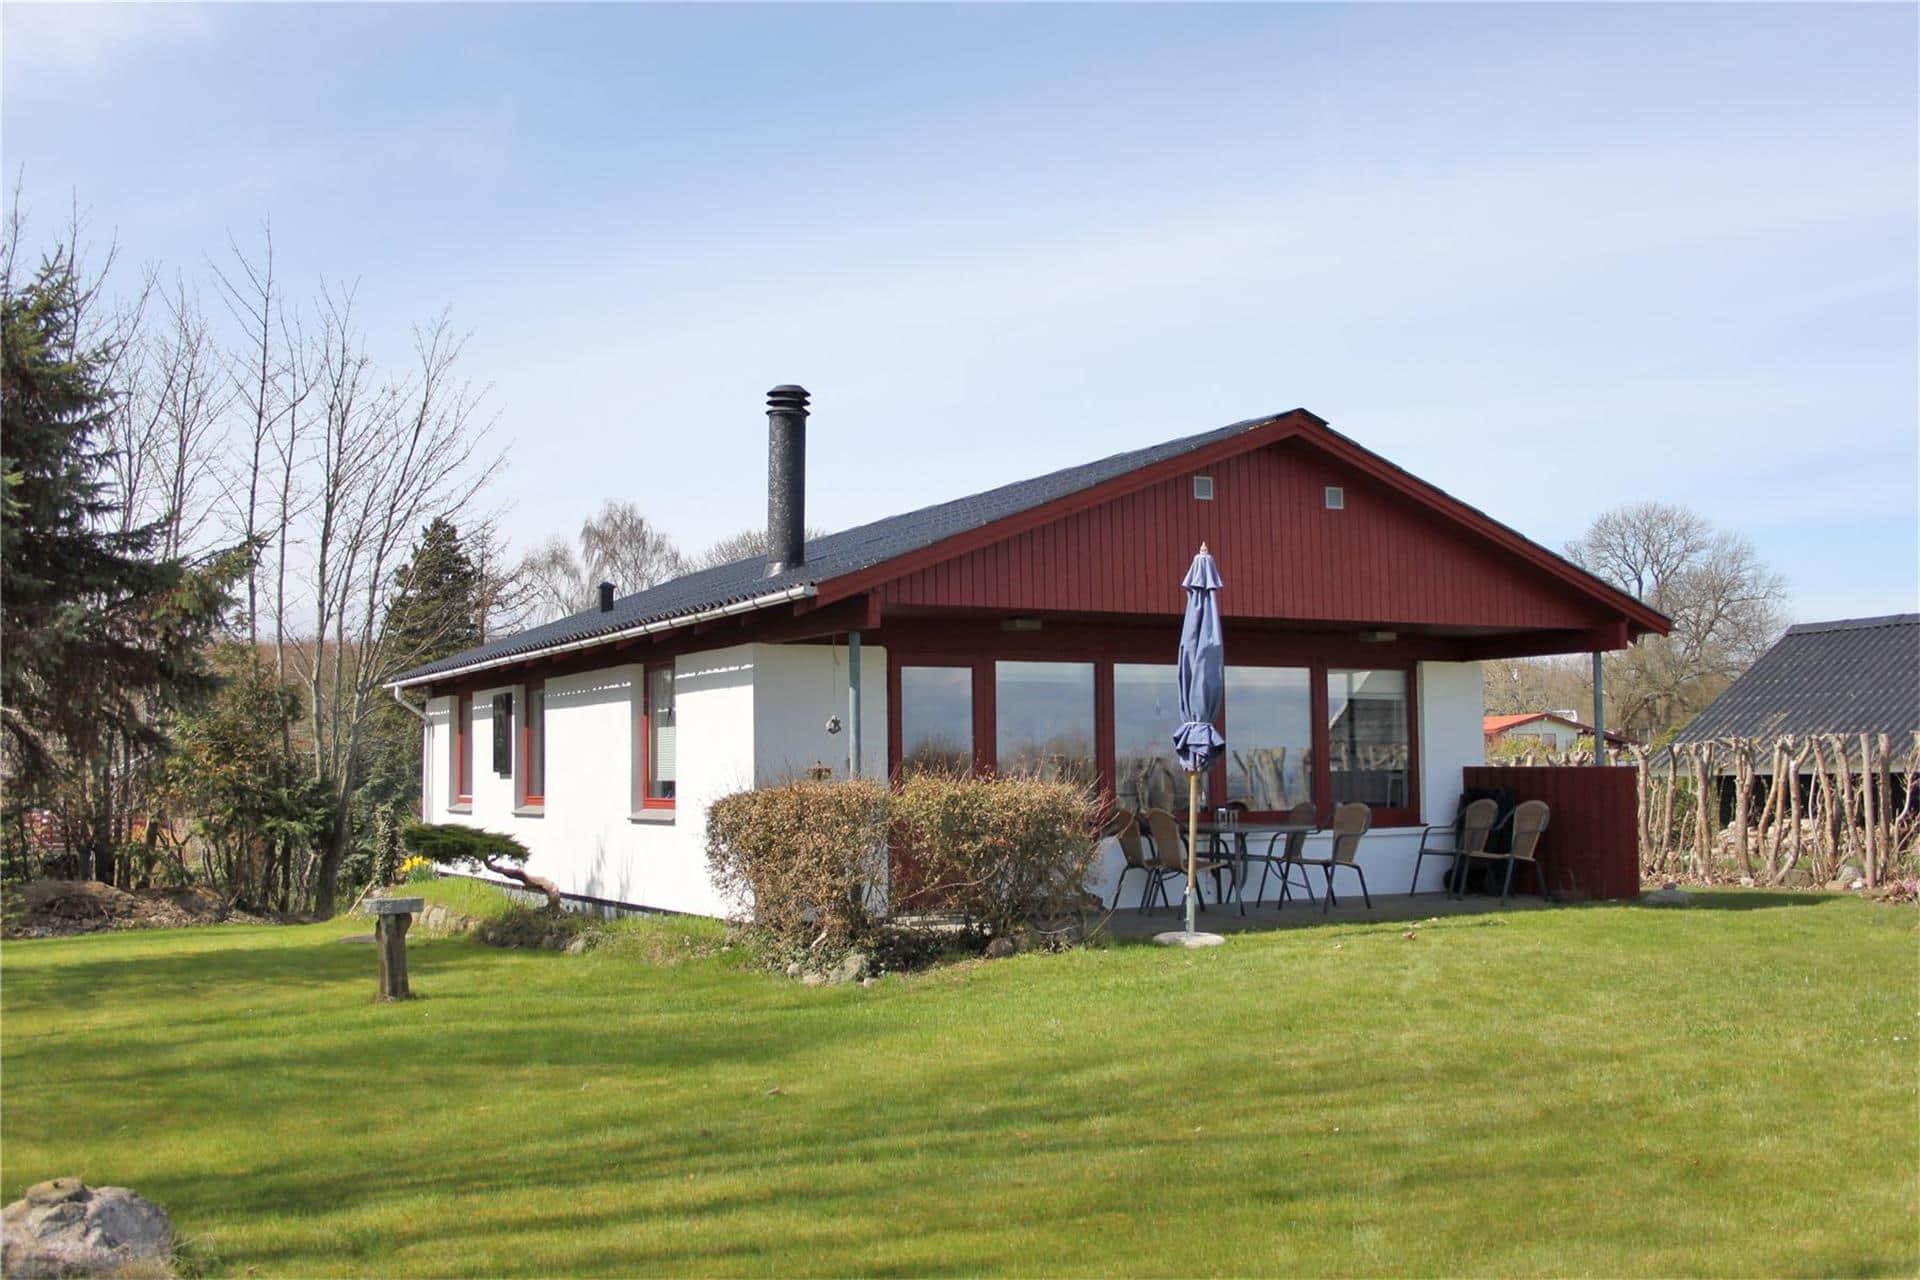 Billede 1-3 Sommerhus M70246, Skråningen 6, DK - 5970 Ærøskøbing